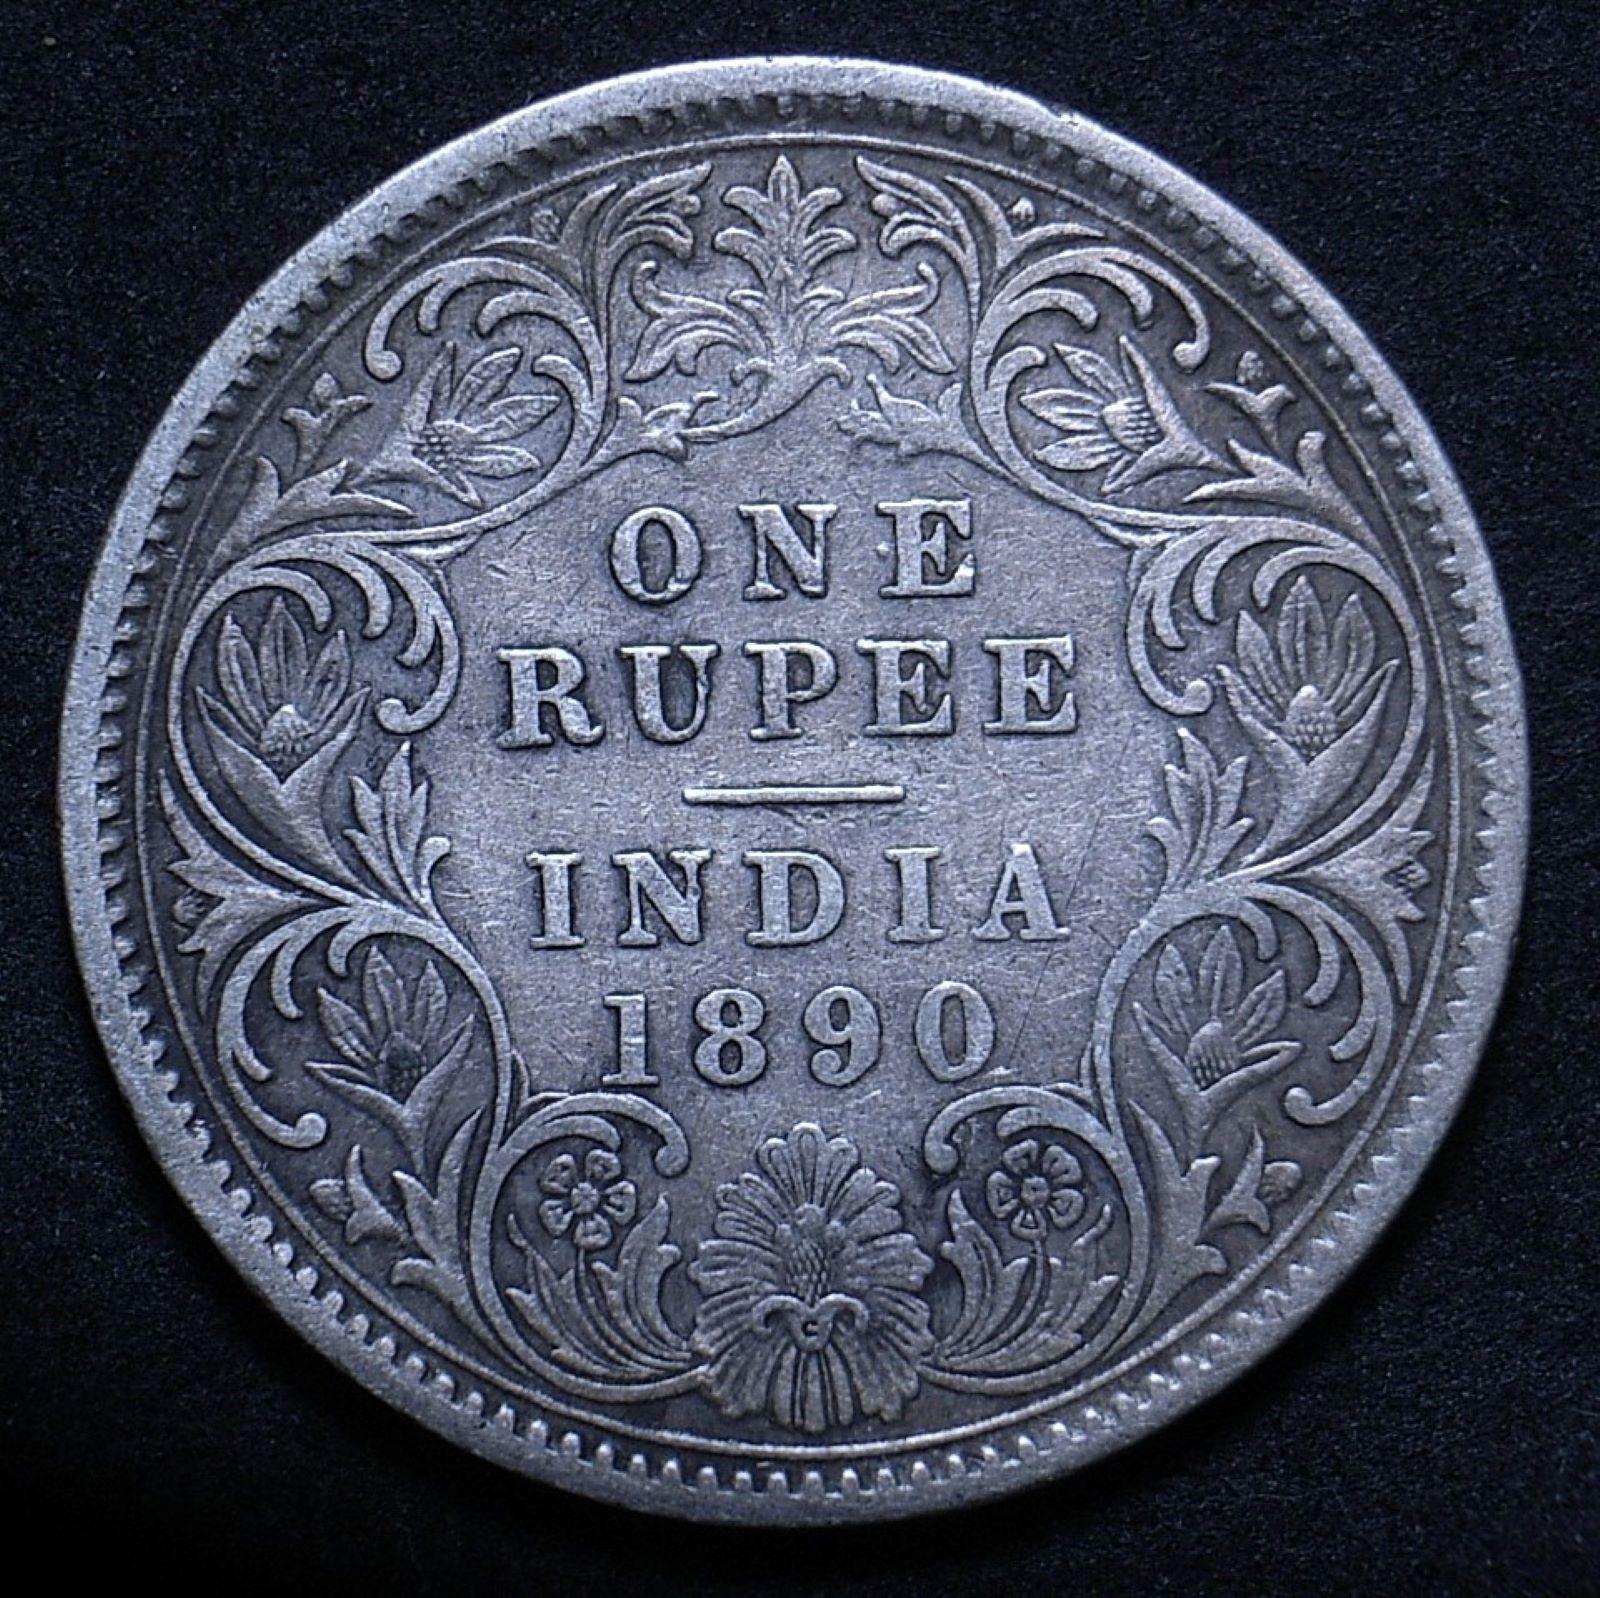 india-rupee-1890-c-rev-1-2